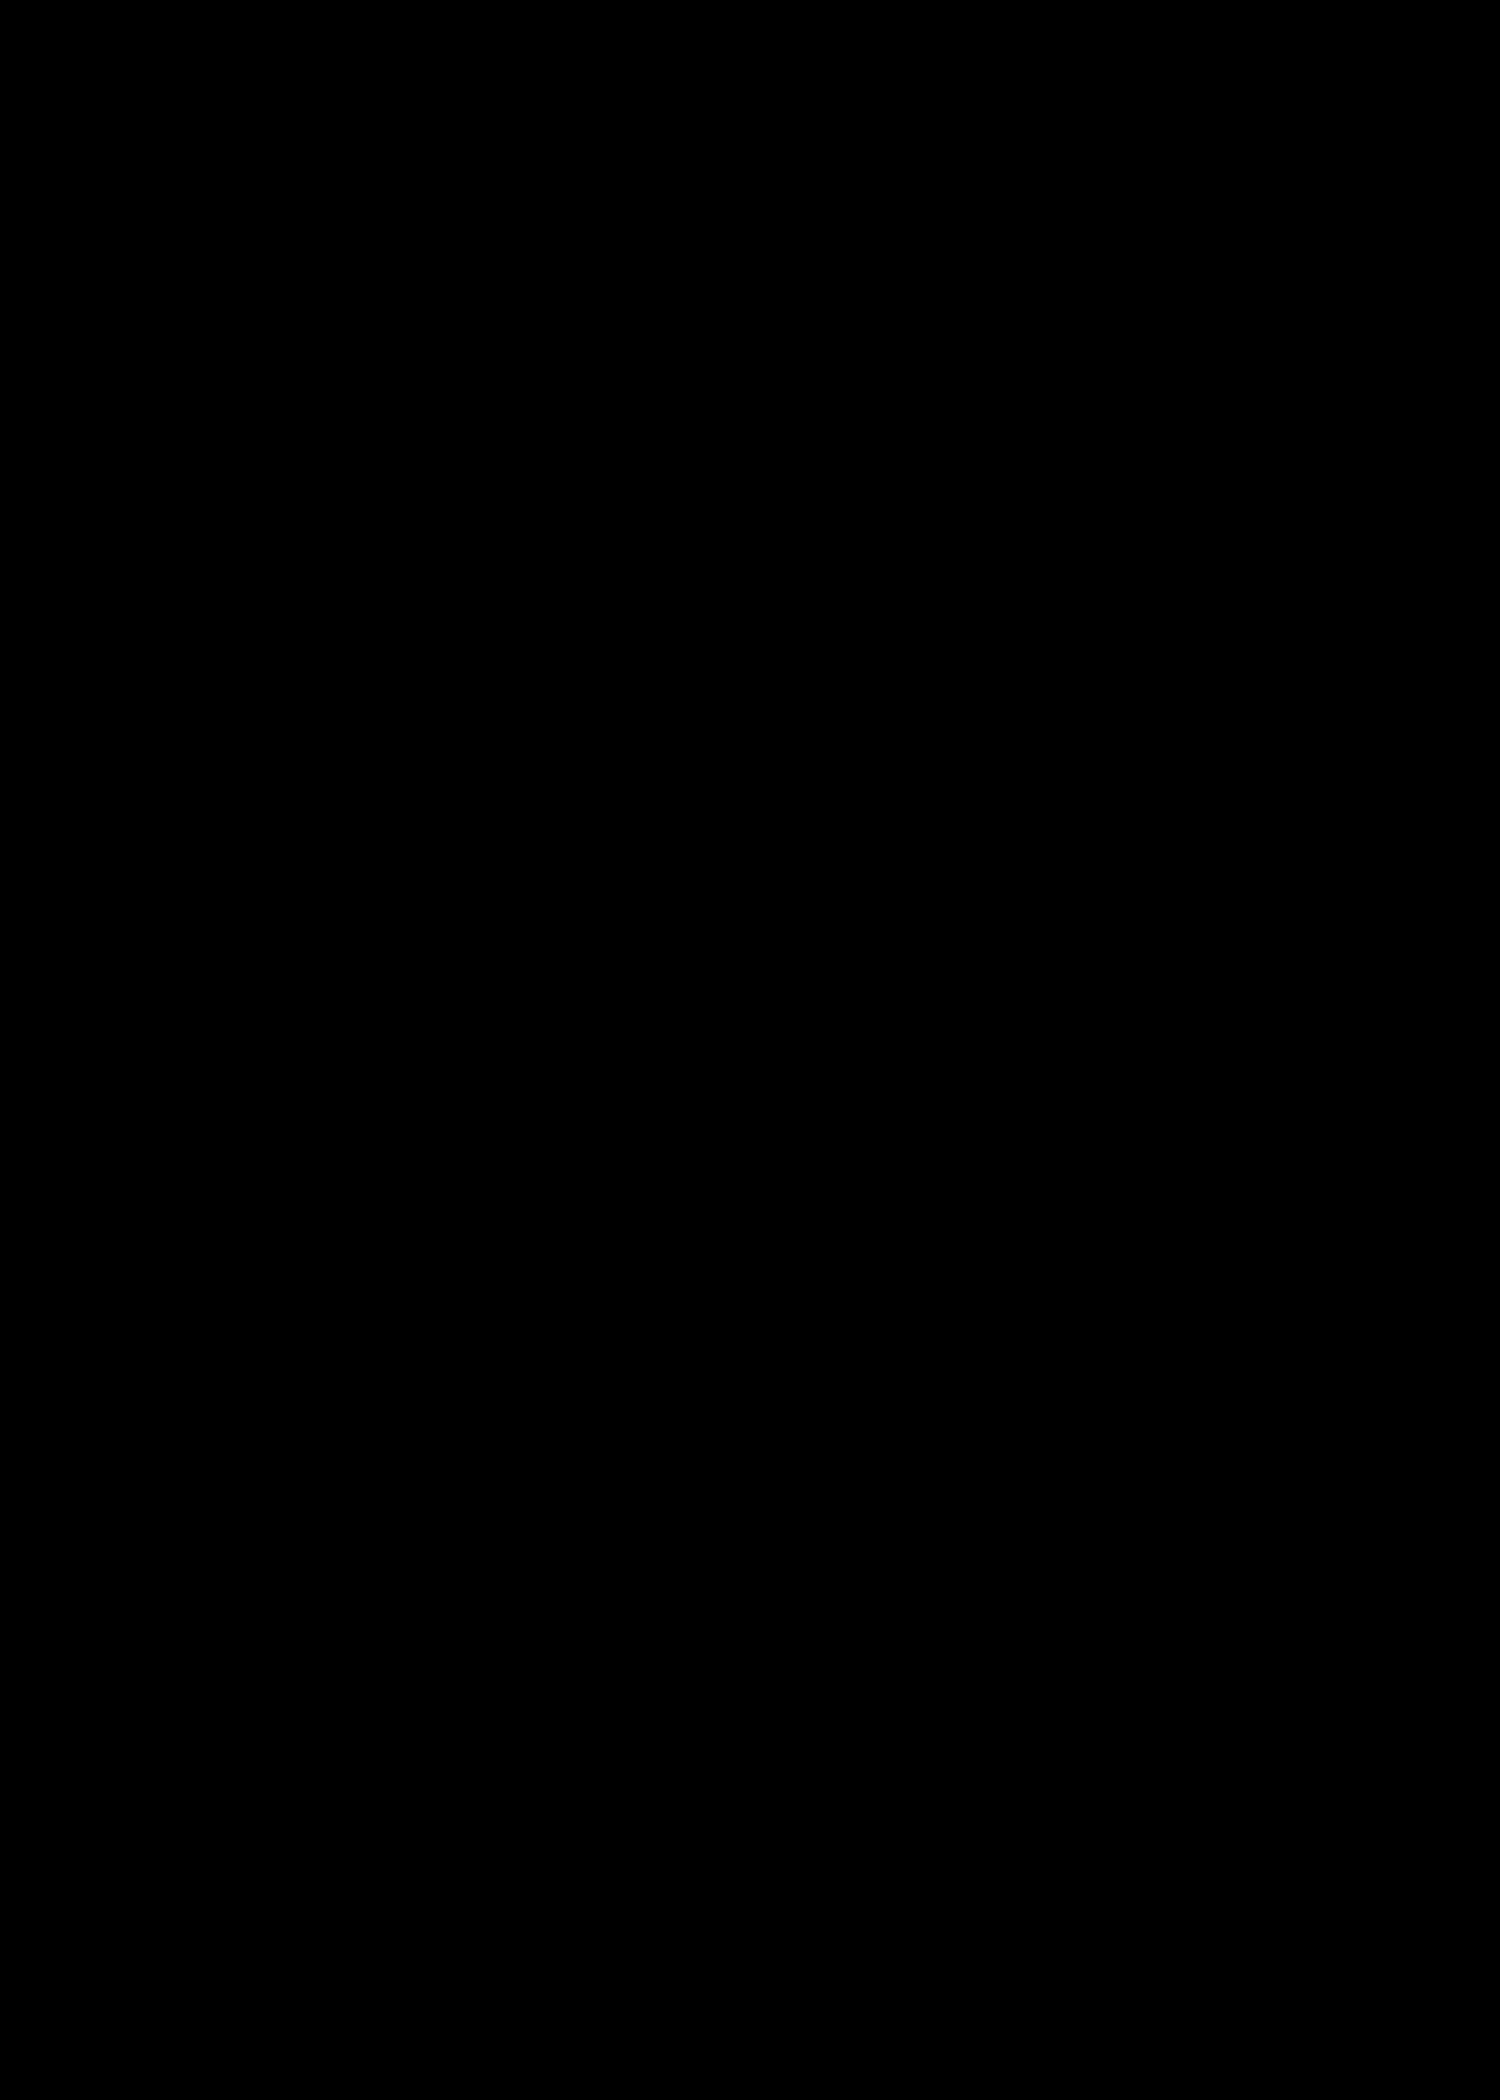 WU-Black-Logo-png